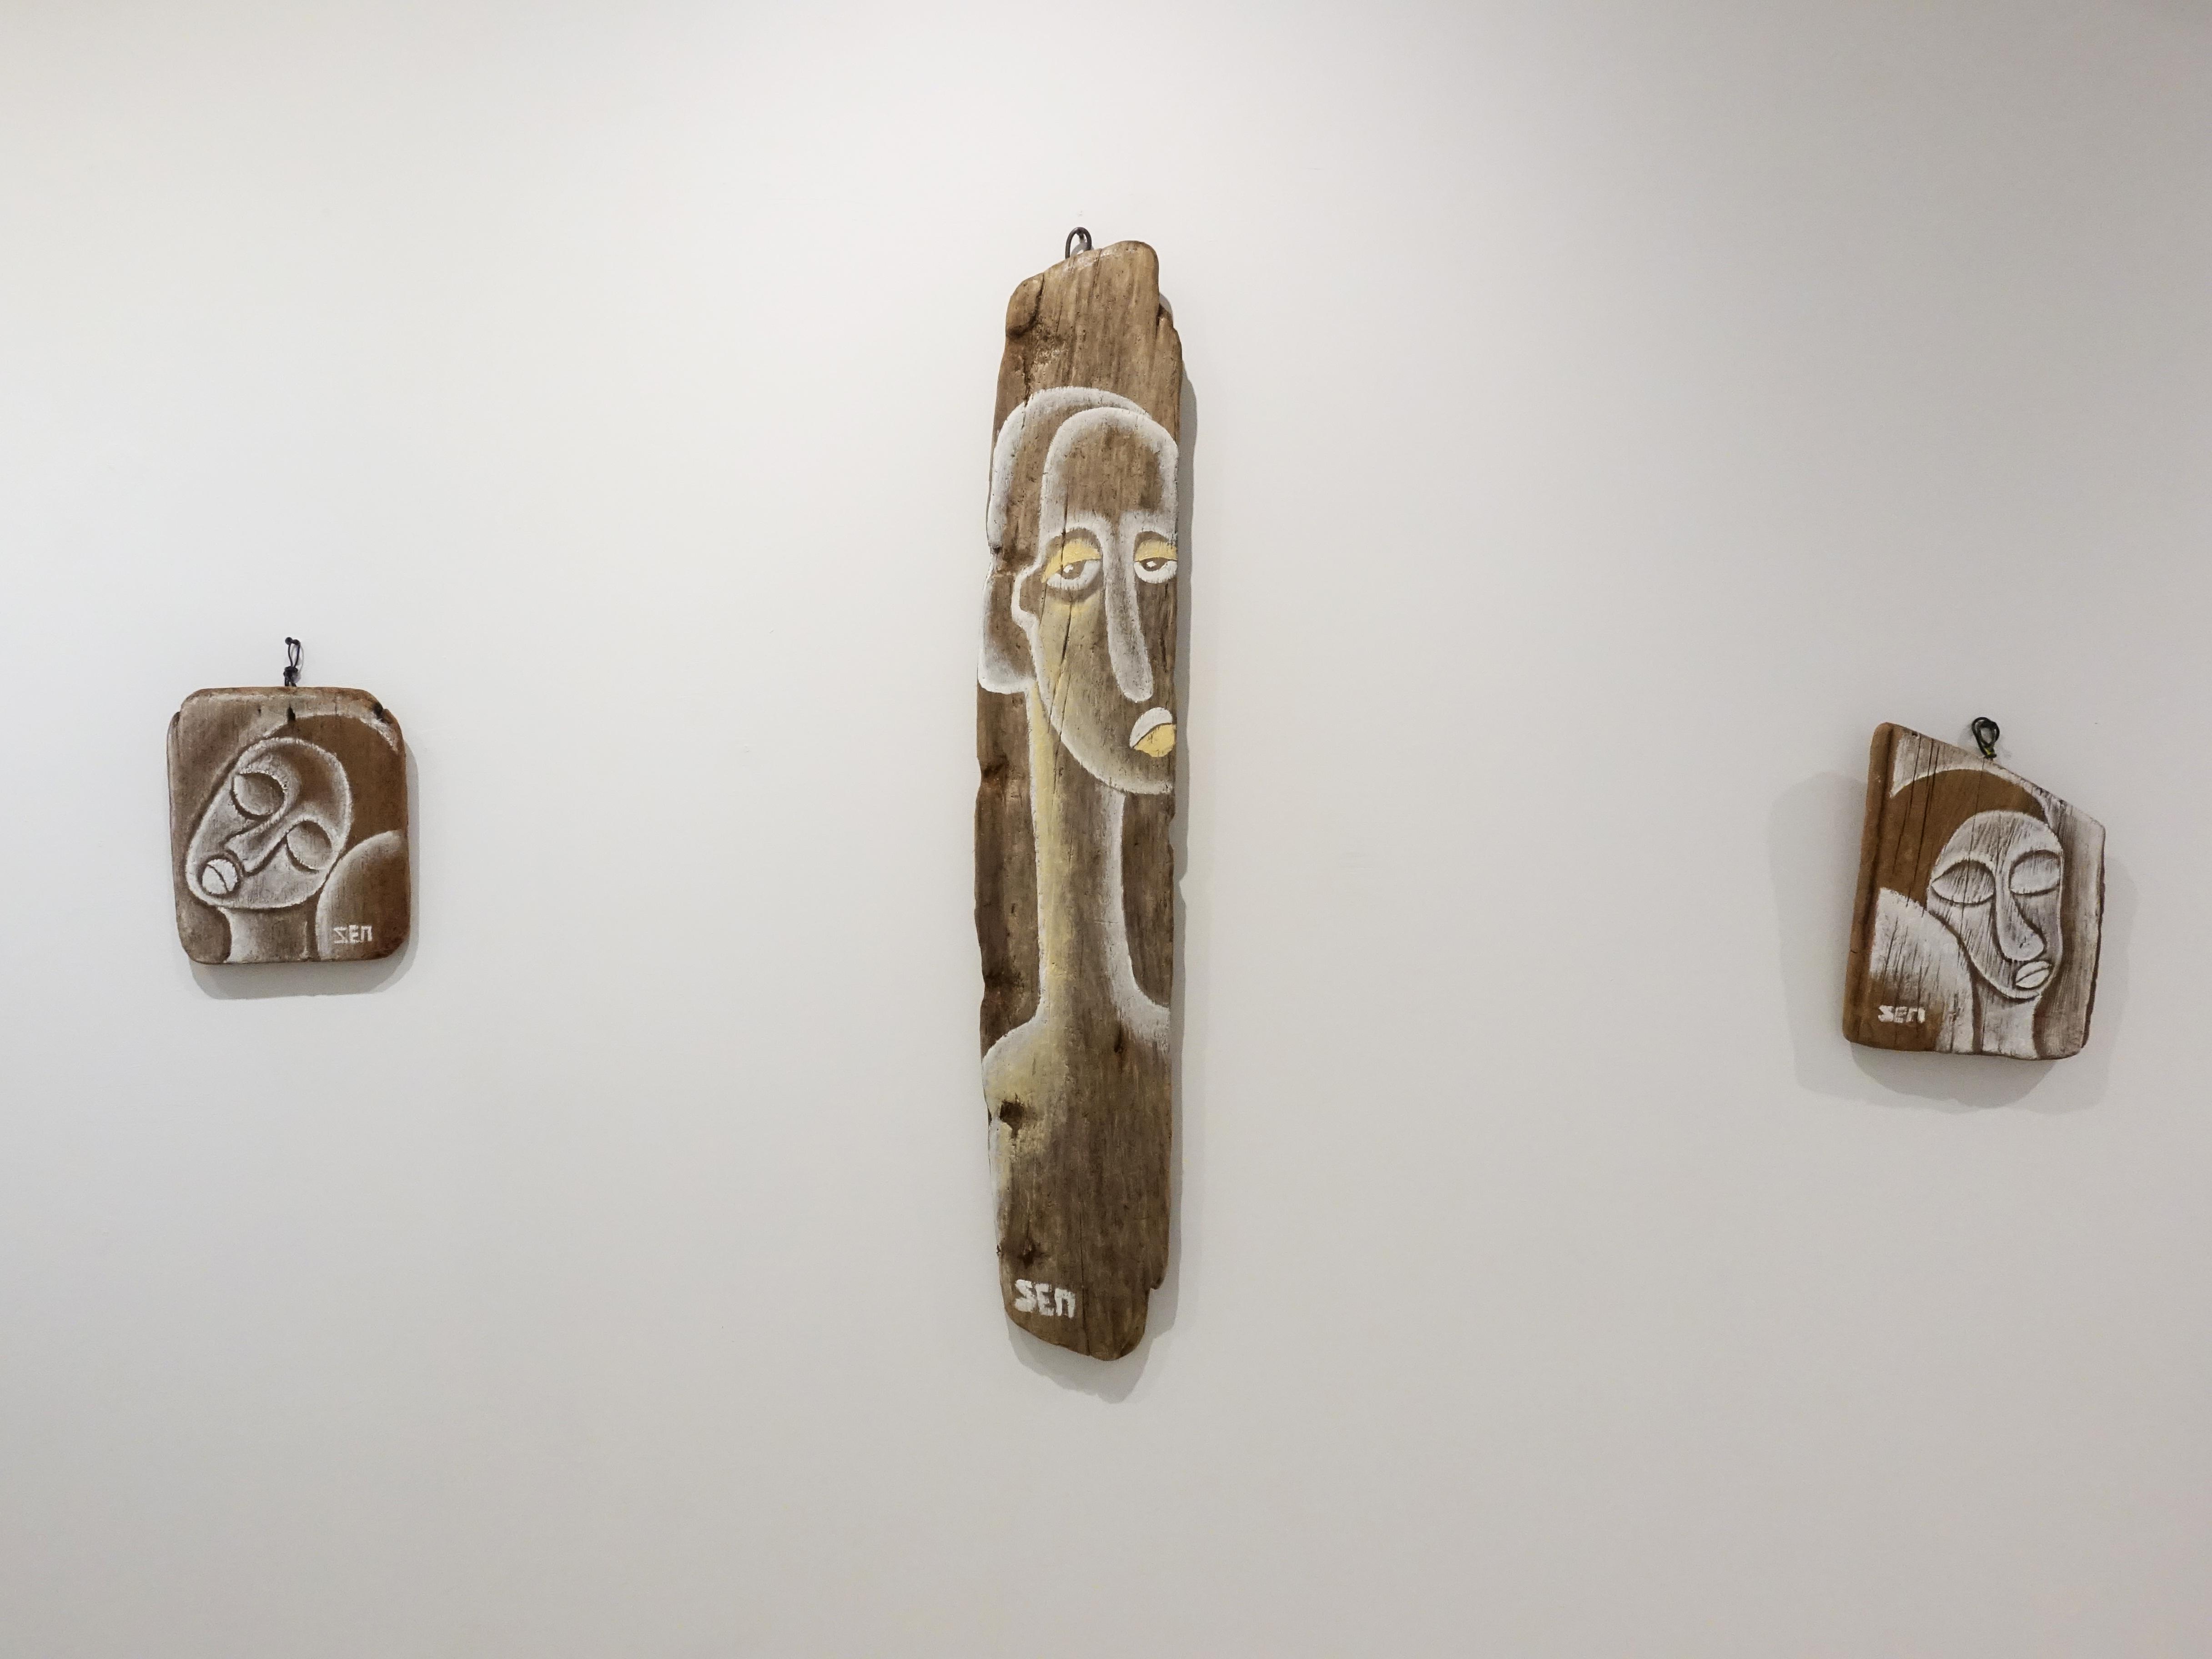 藝術家楊樹森於大澐藝術展出漂流木系列創作。